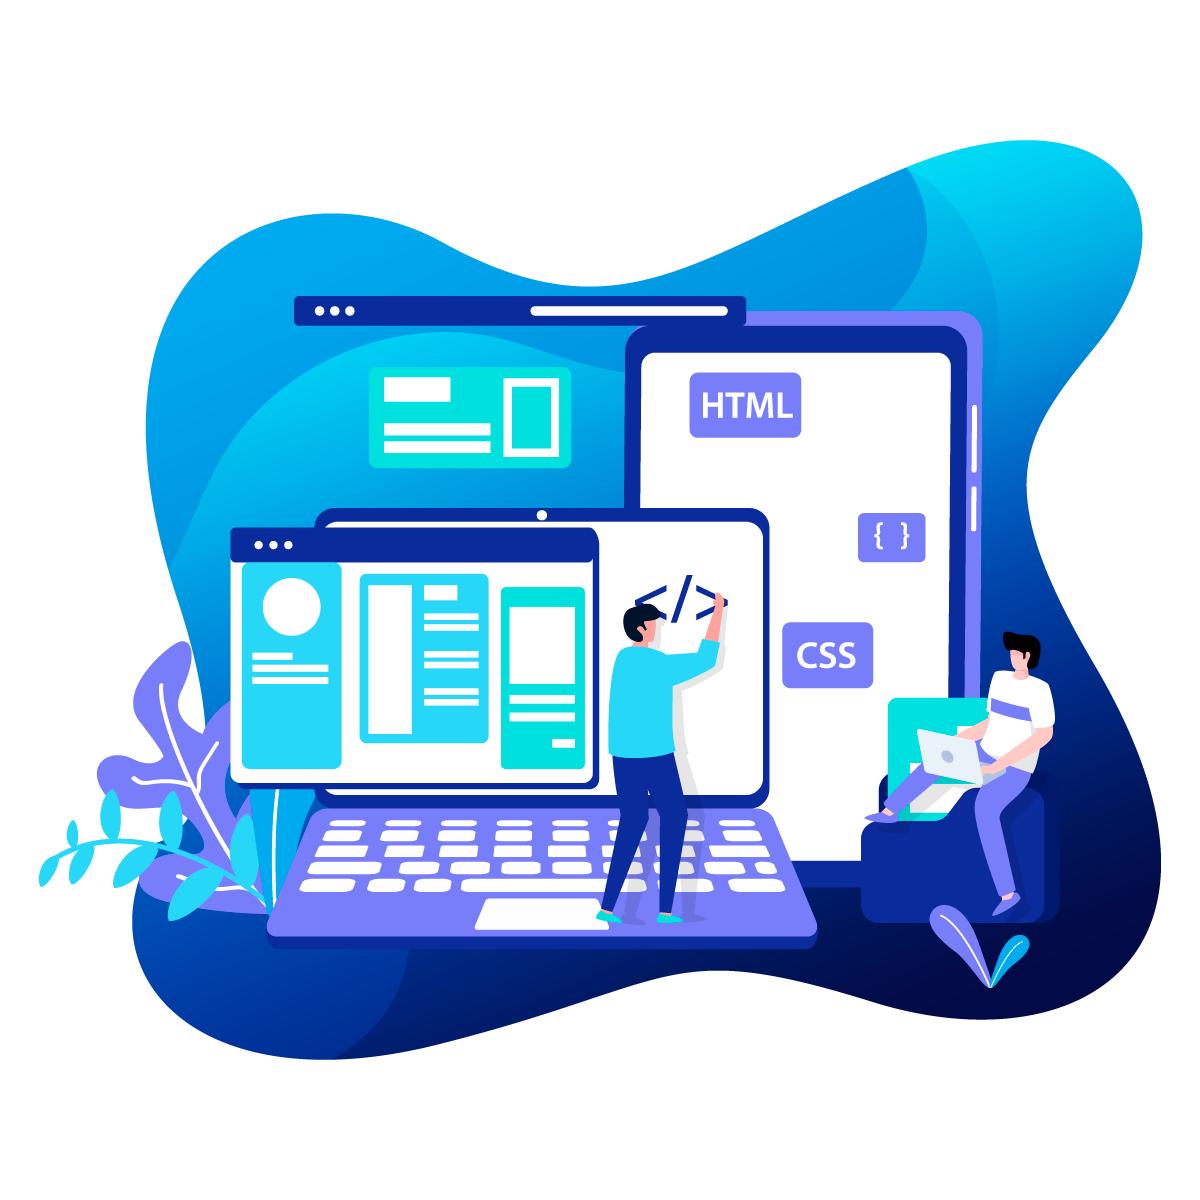 Best WordPress Development Company In 2021